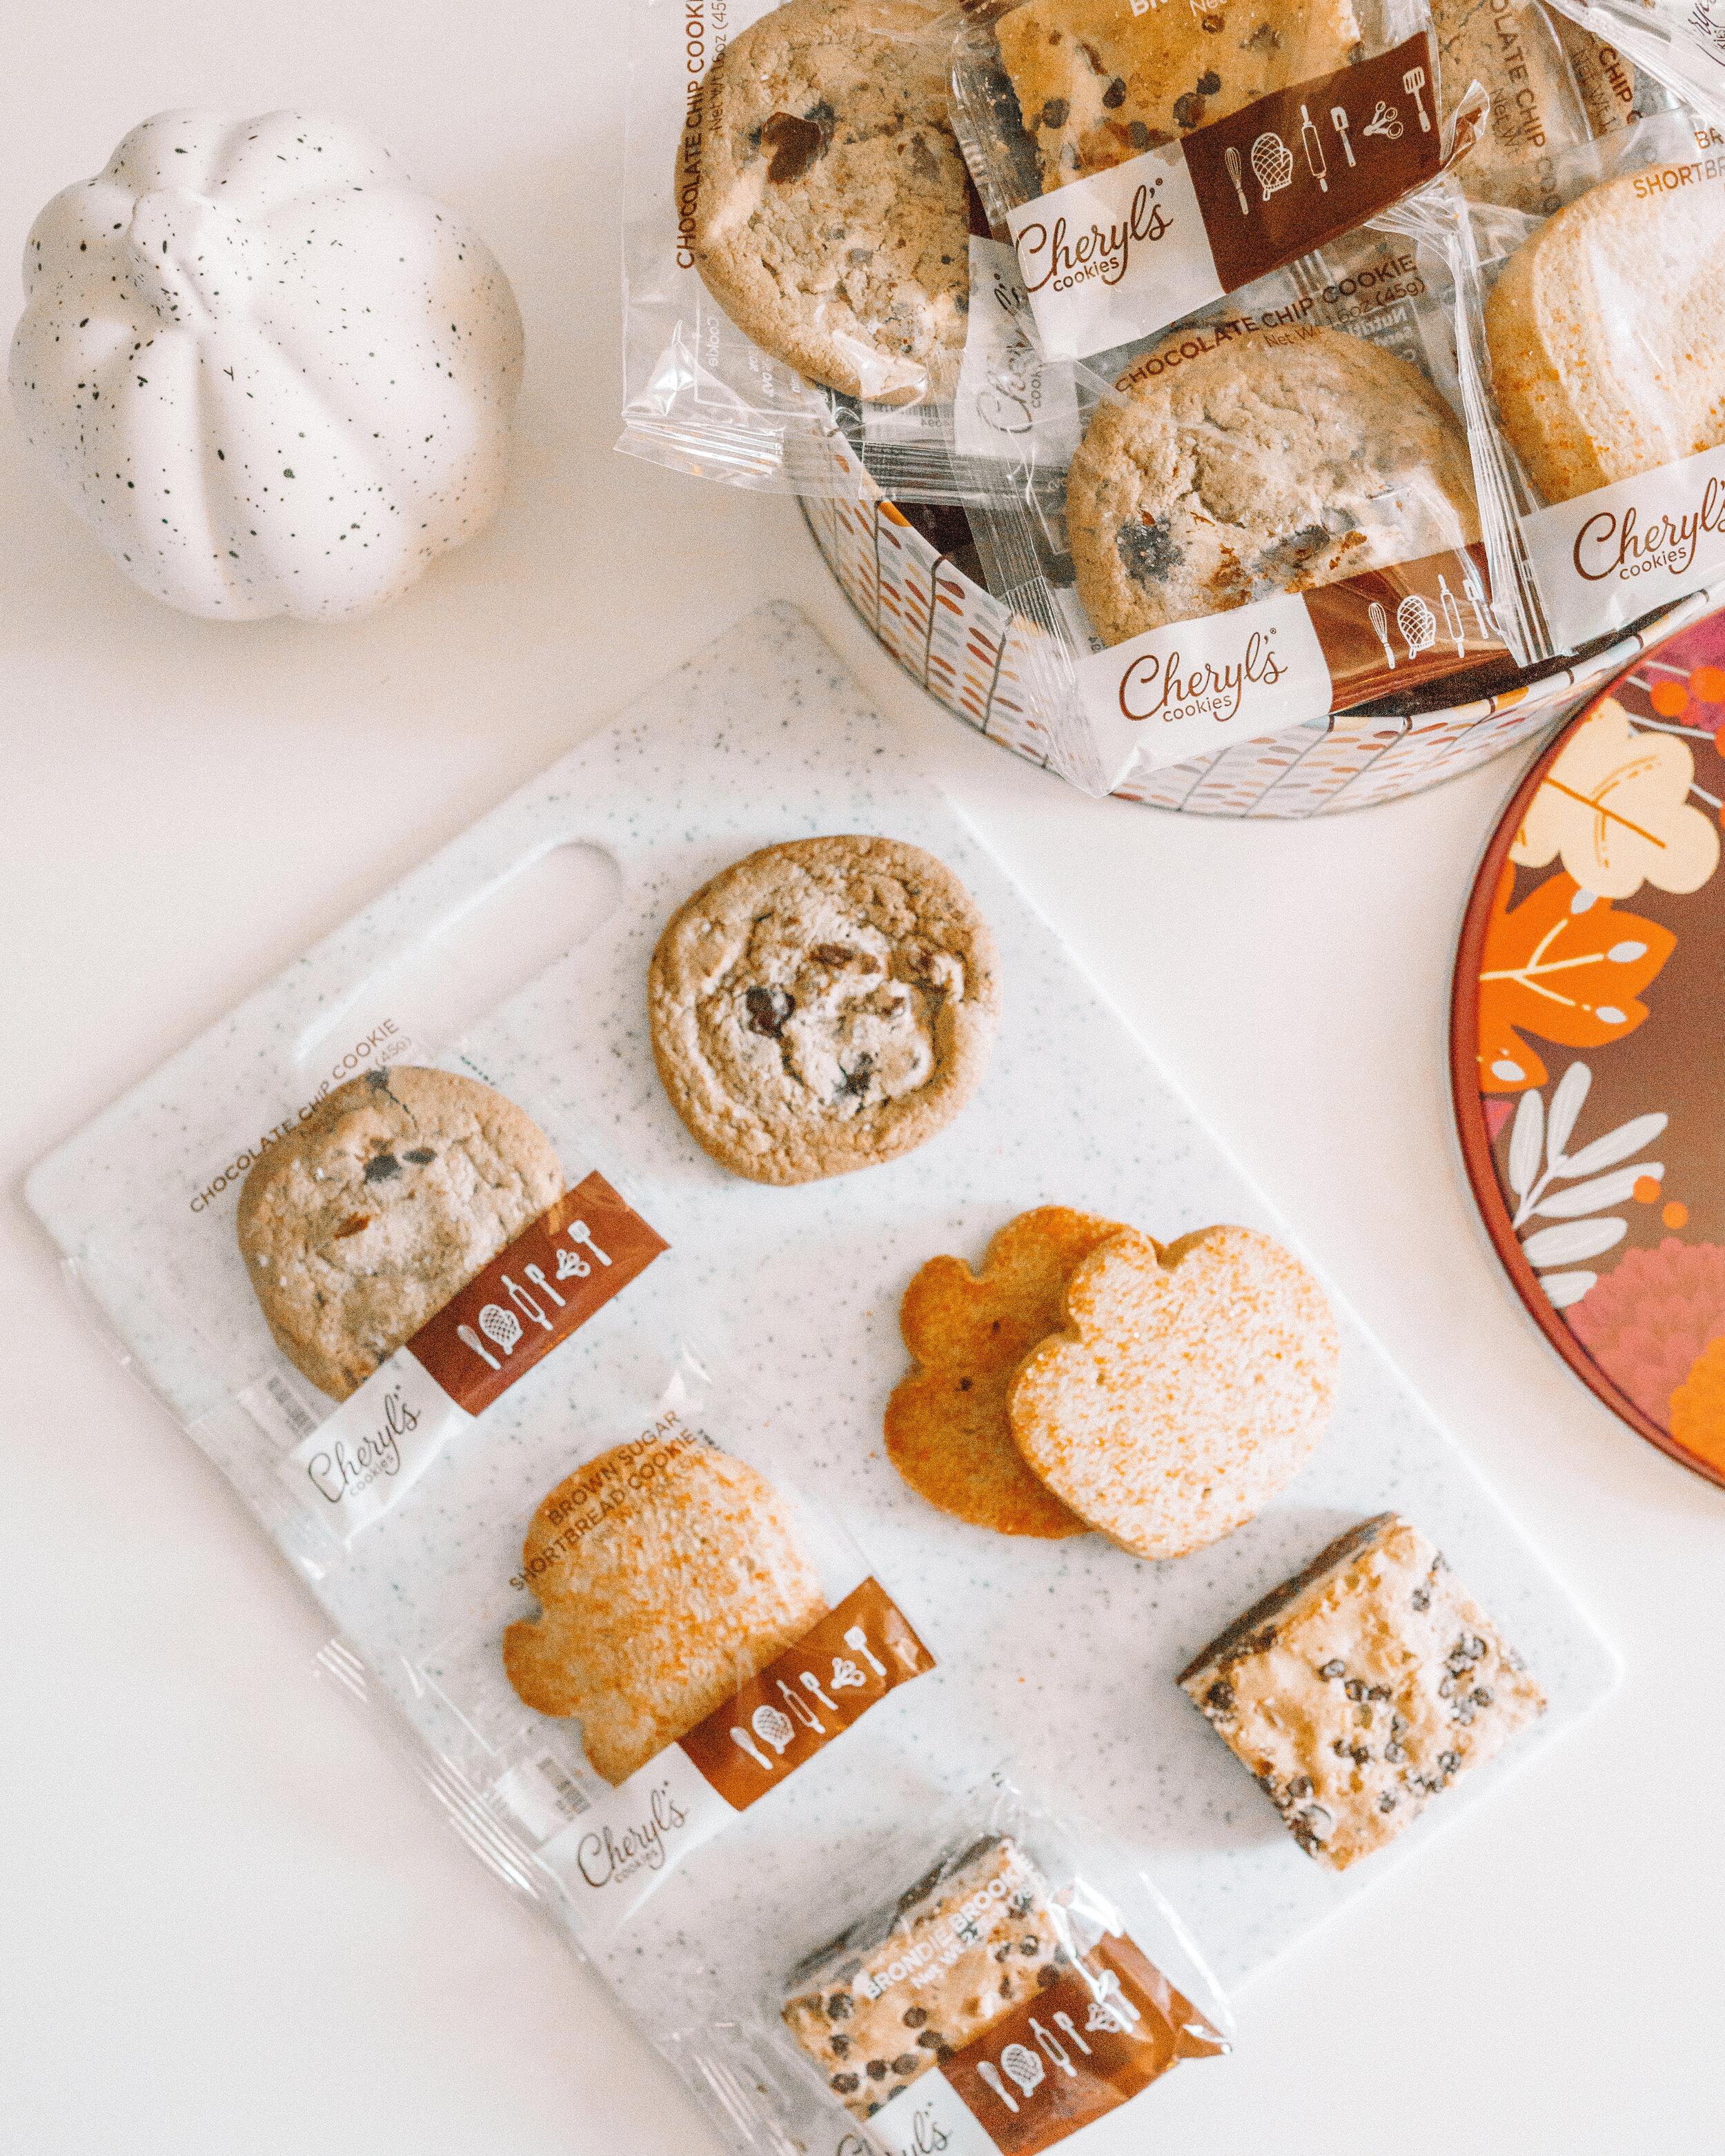 cheryls-cookies-8.jpg